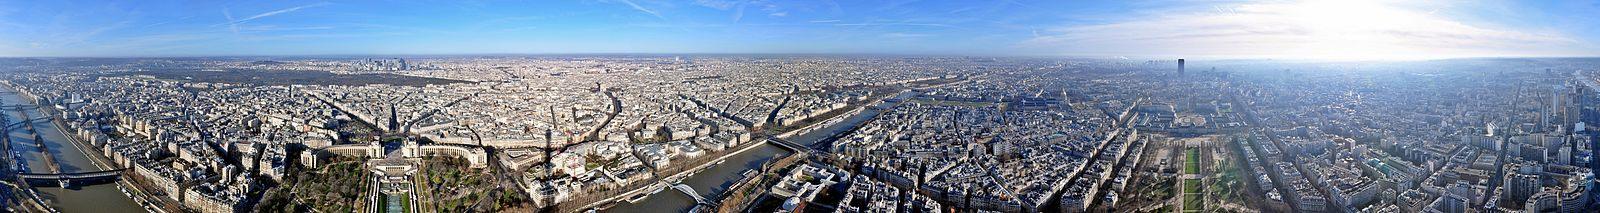 Tour De Lit 360 De Luxe Paris